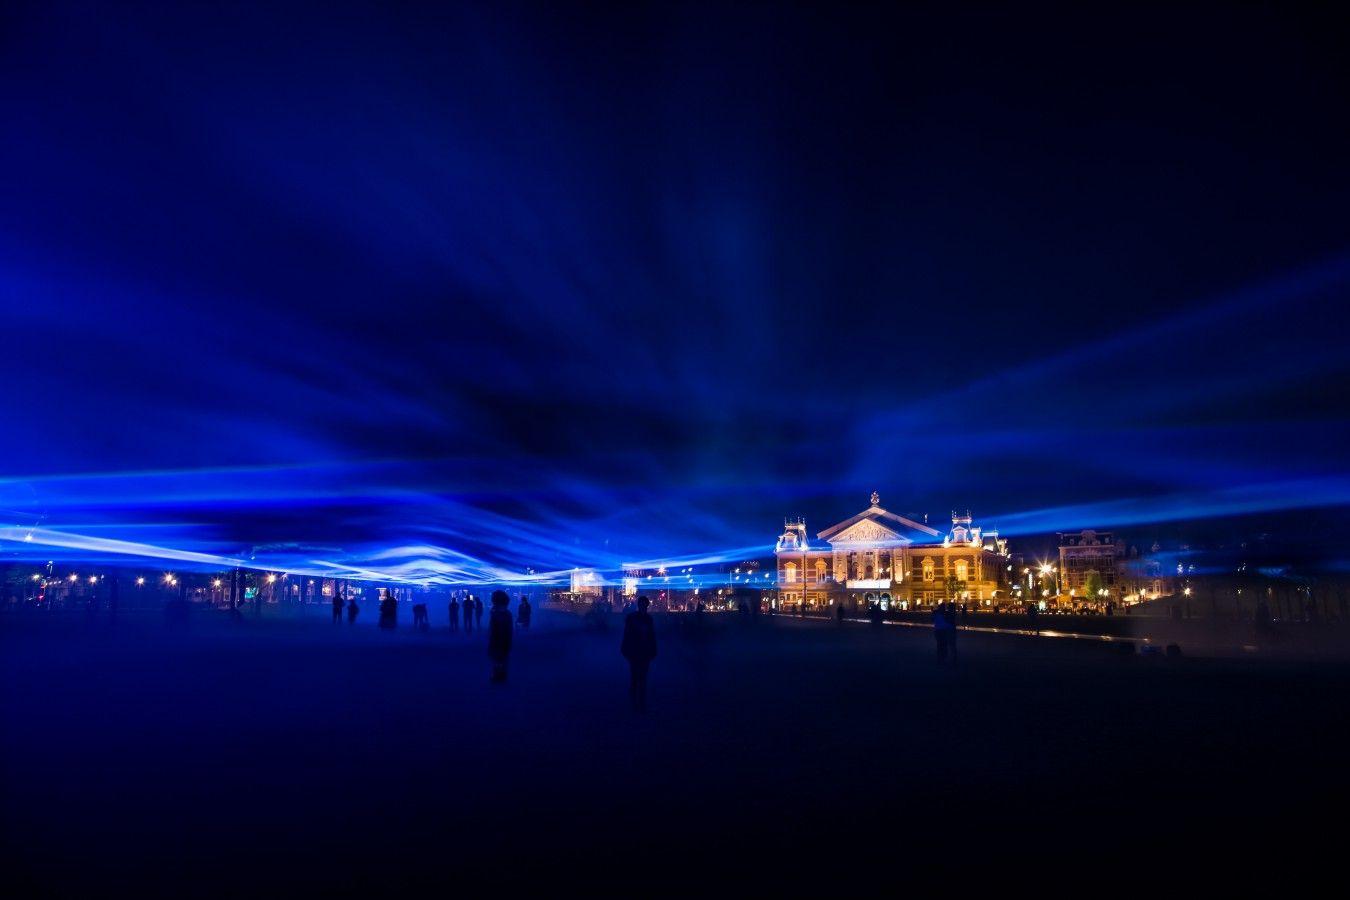 Studio Roosegaarde — Waterlicht photos